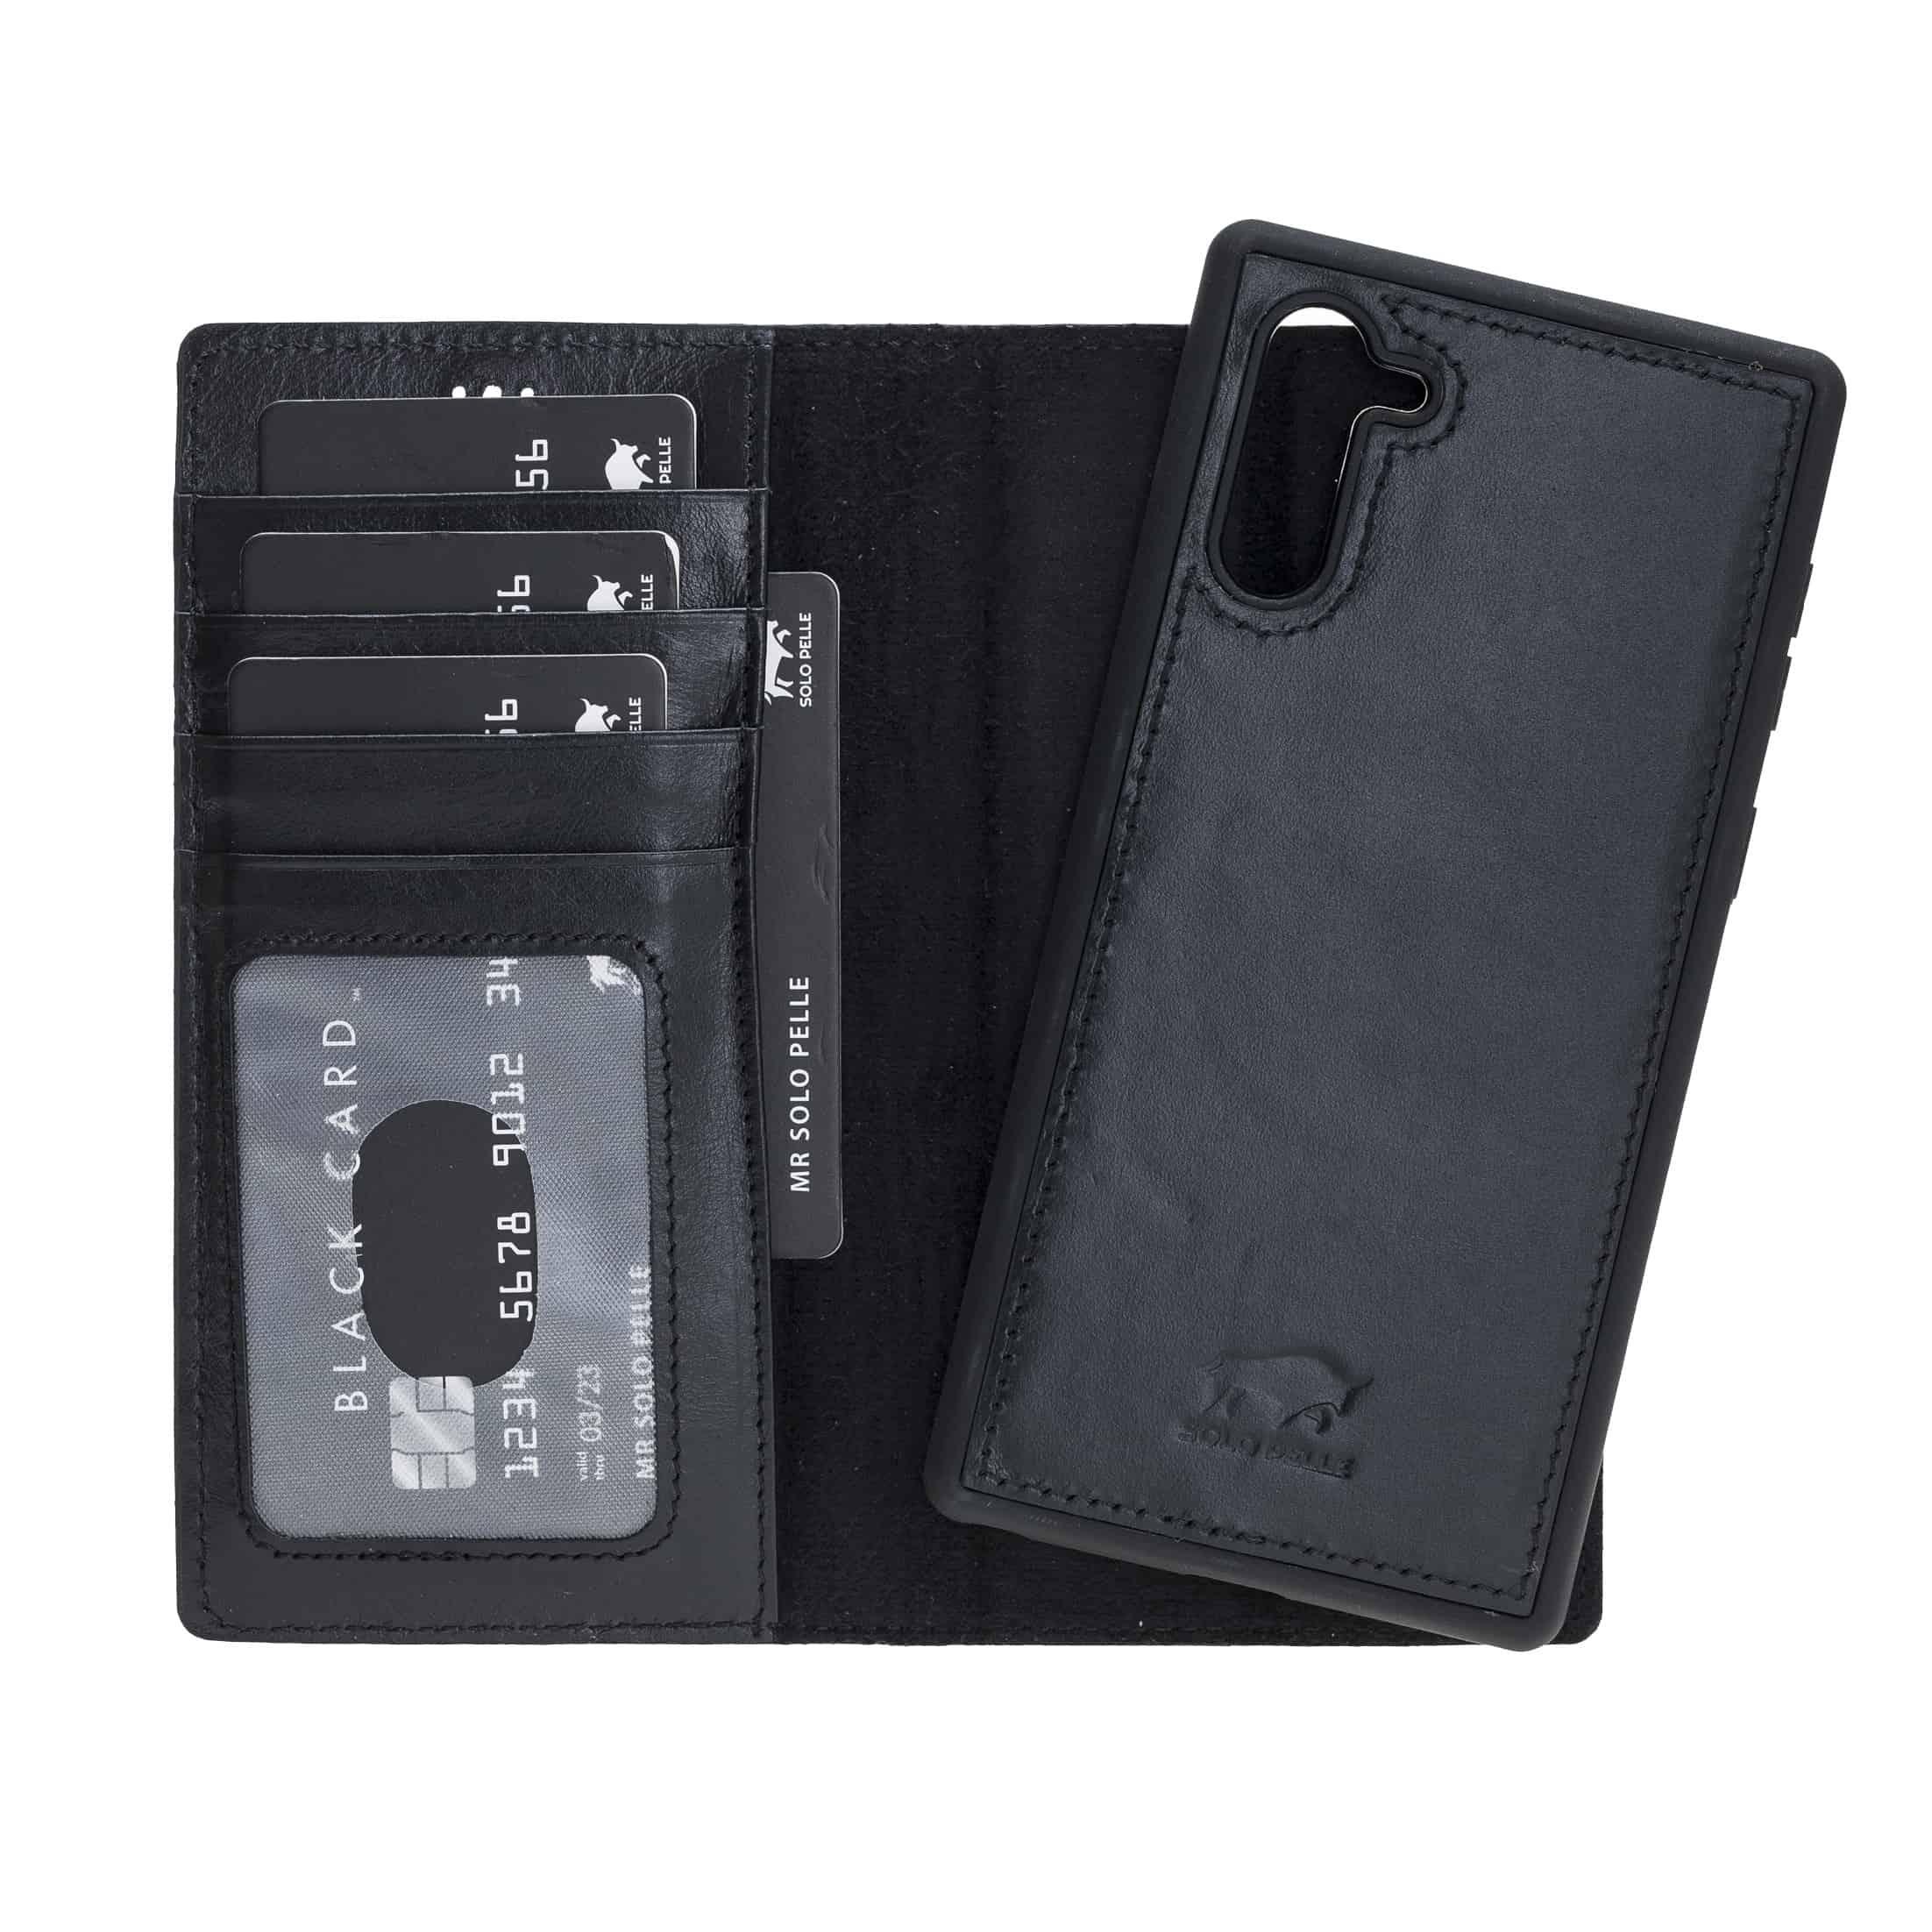 Solo Pelle Lederhülle Harvard kompatibel für das Samsung  Note 10 inklusive abnehmbare Hülle mit integrierten Kartenfächern (Schwarz)